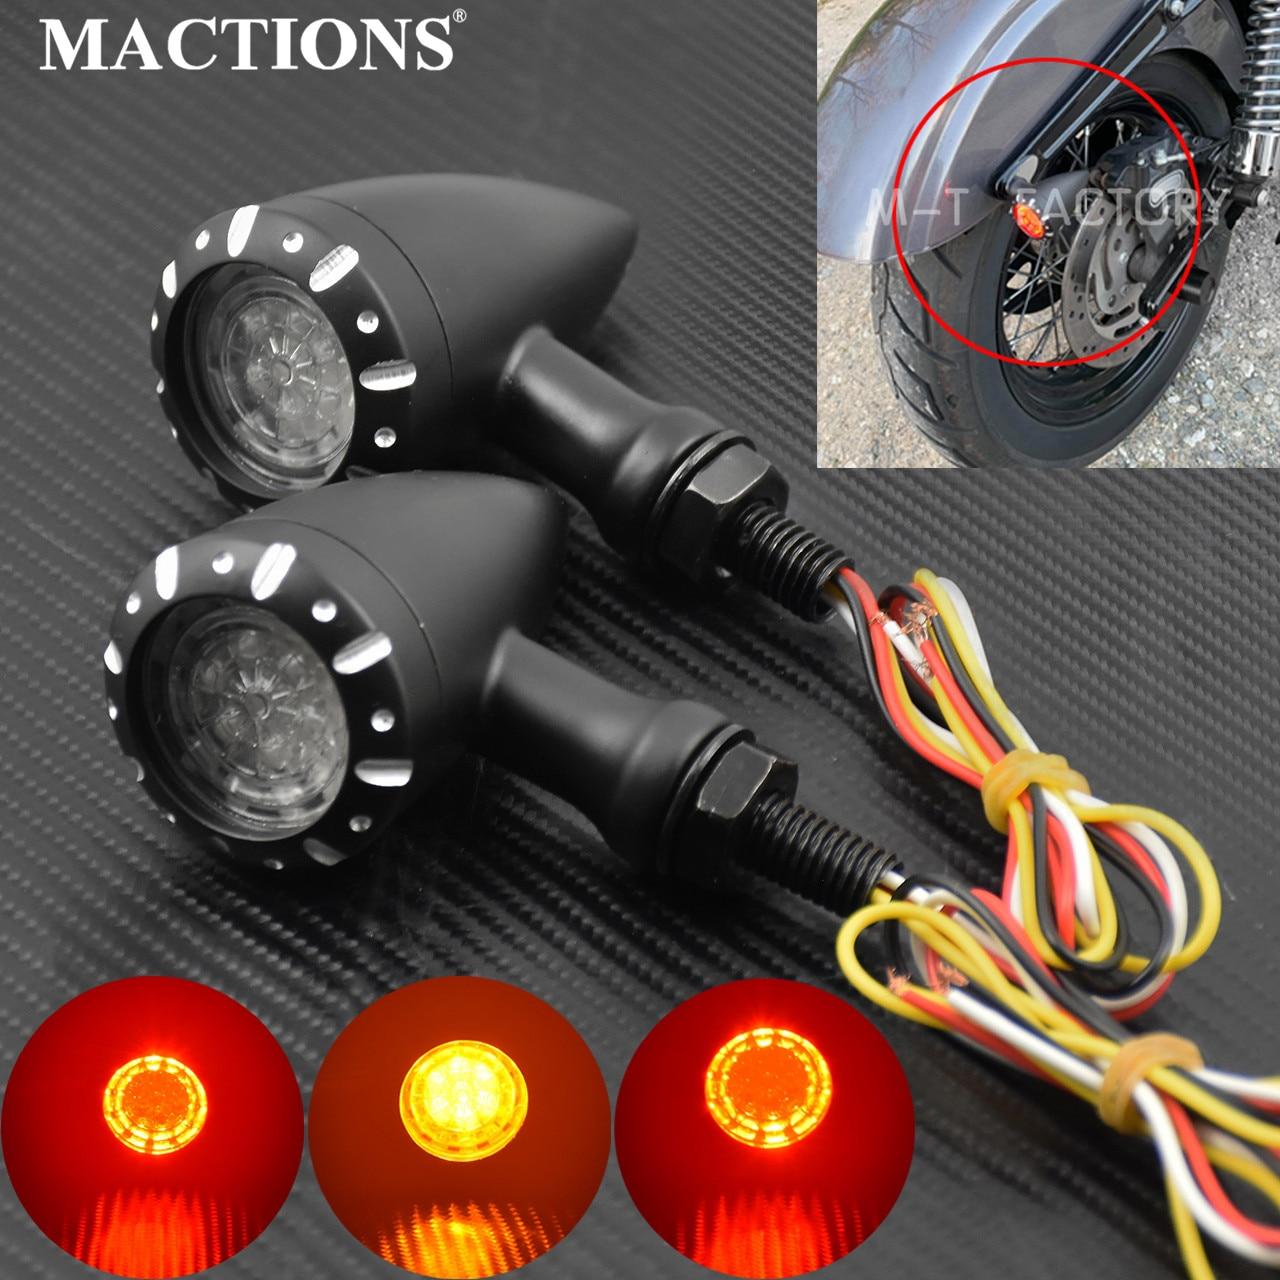 Motorcycle 1 Pair 10mm Black LED Brake Blinker Light Turn Signal Flashing For Harley Cruiser Chopper Indicator Lights